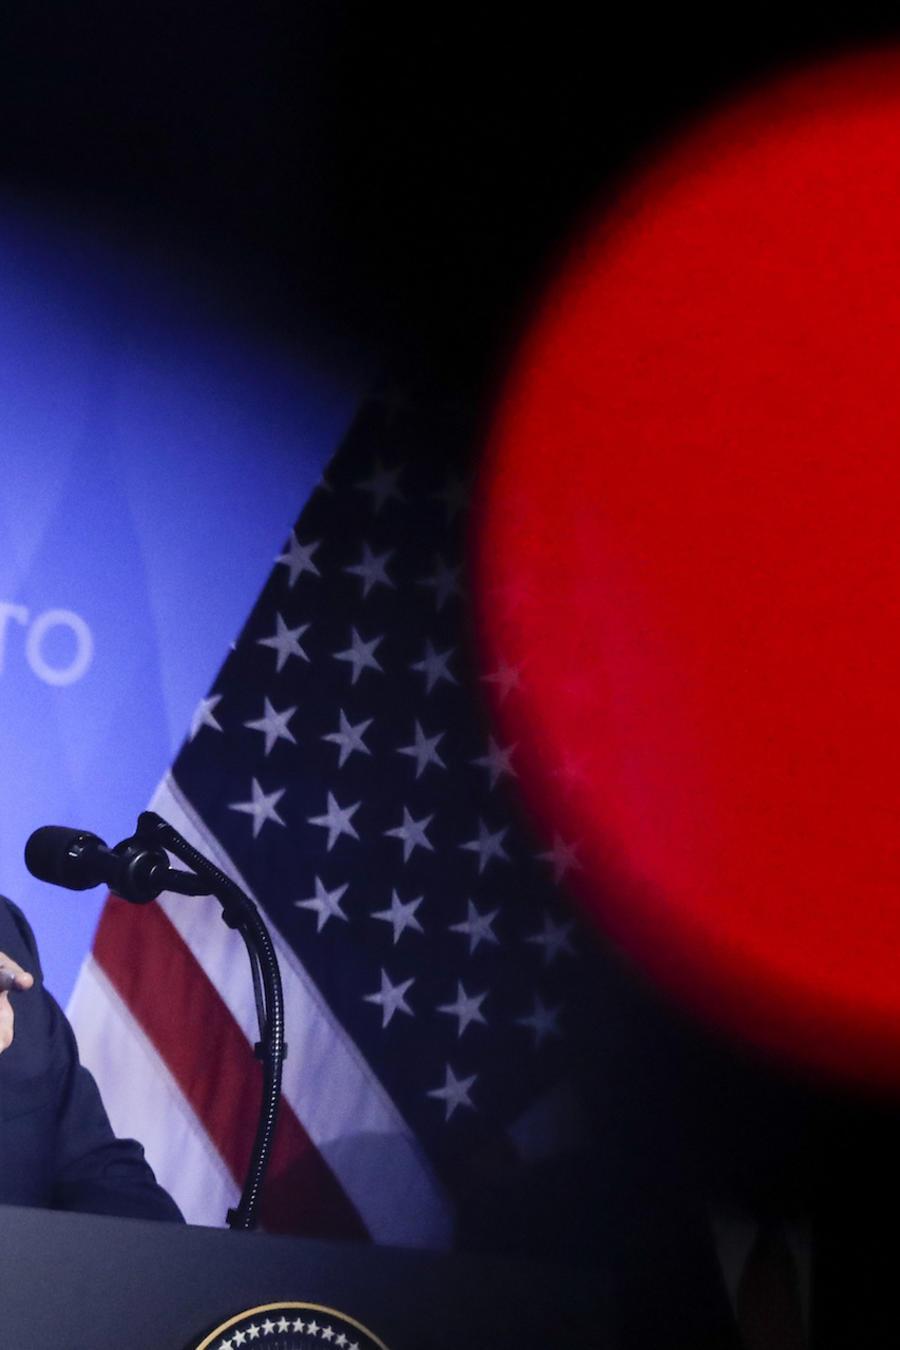 Trump, durante una conferencia de prensa en Bruselas el jueves. La luz roja proviene de una cámara de televisión.